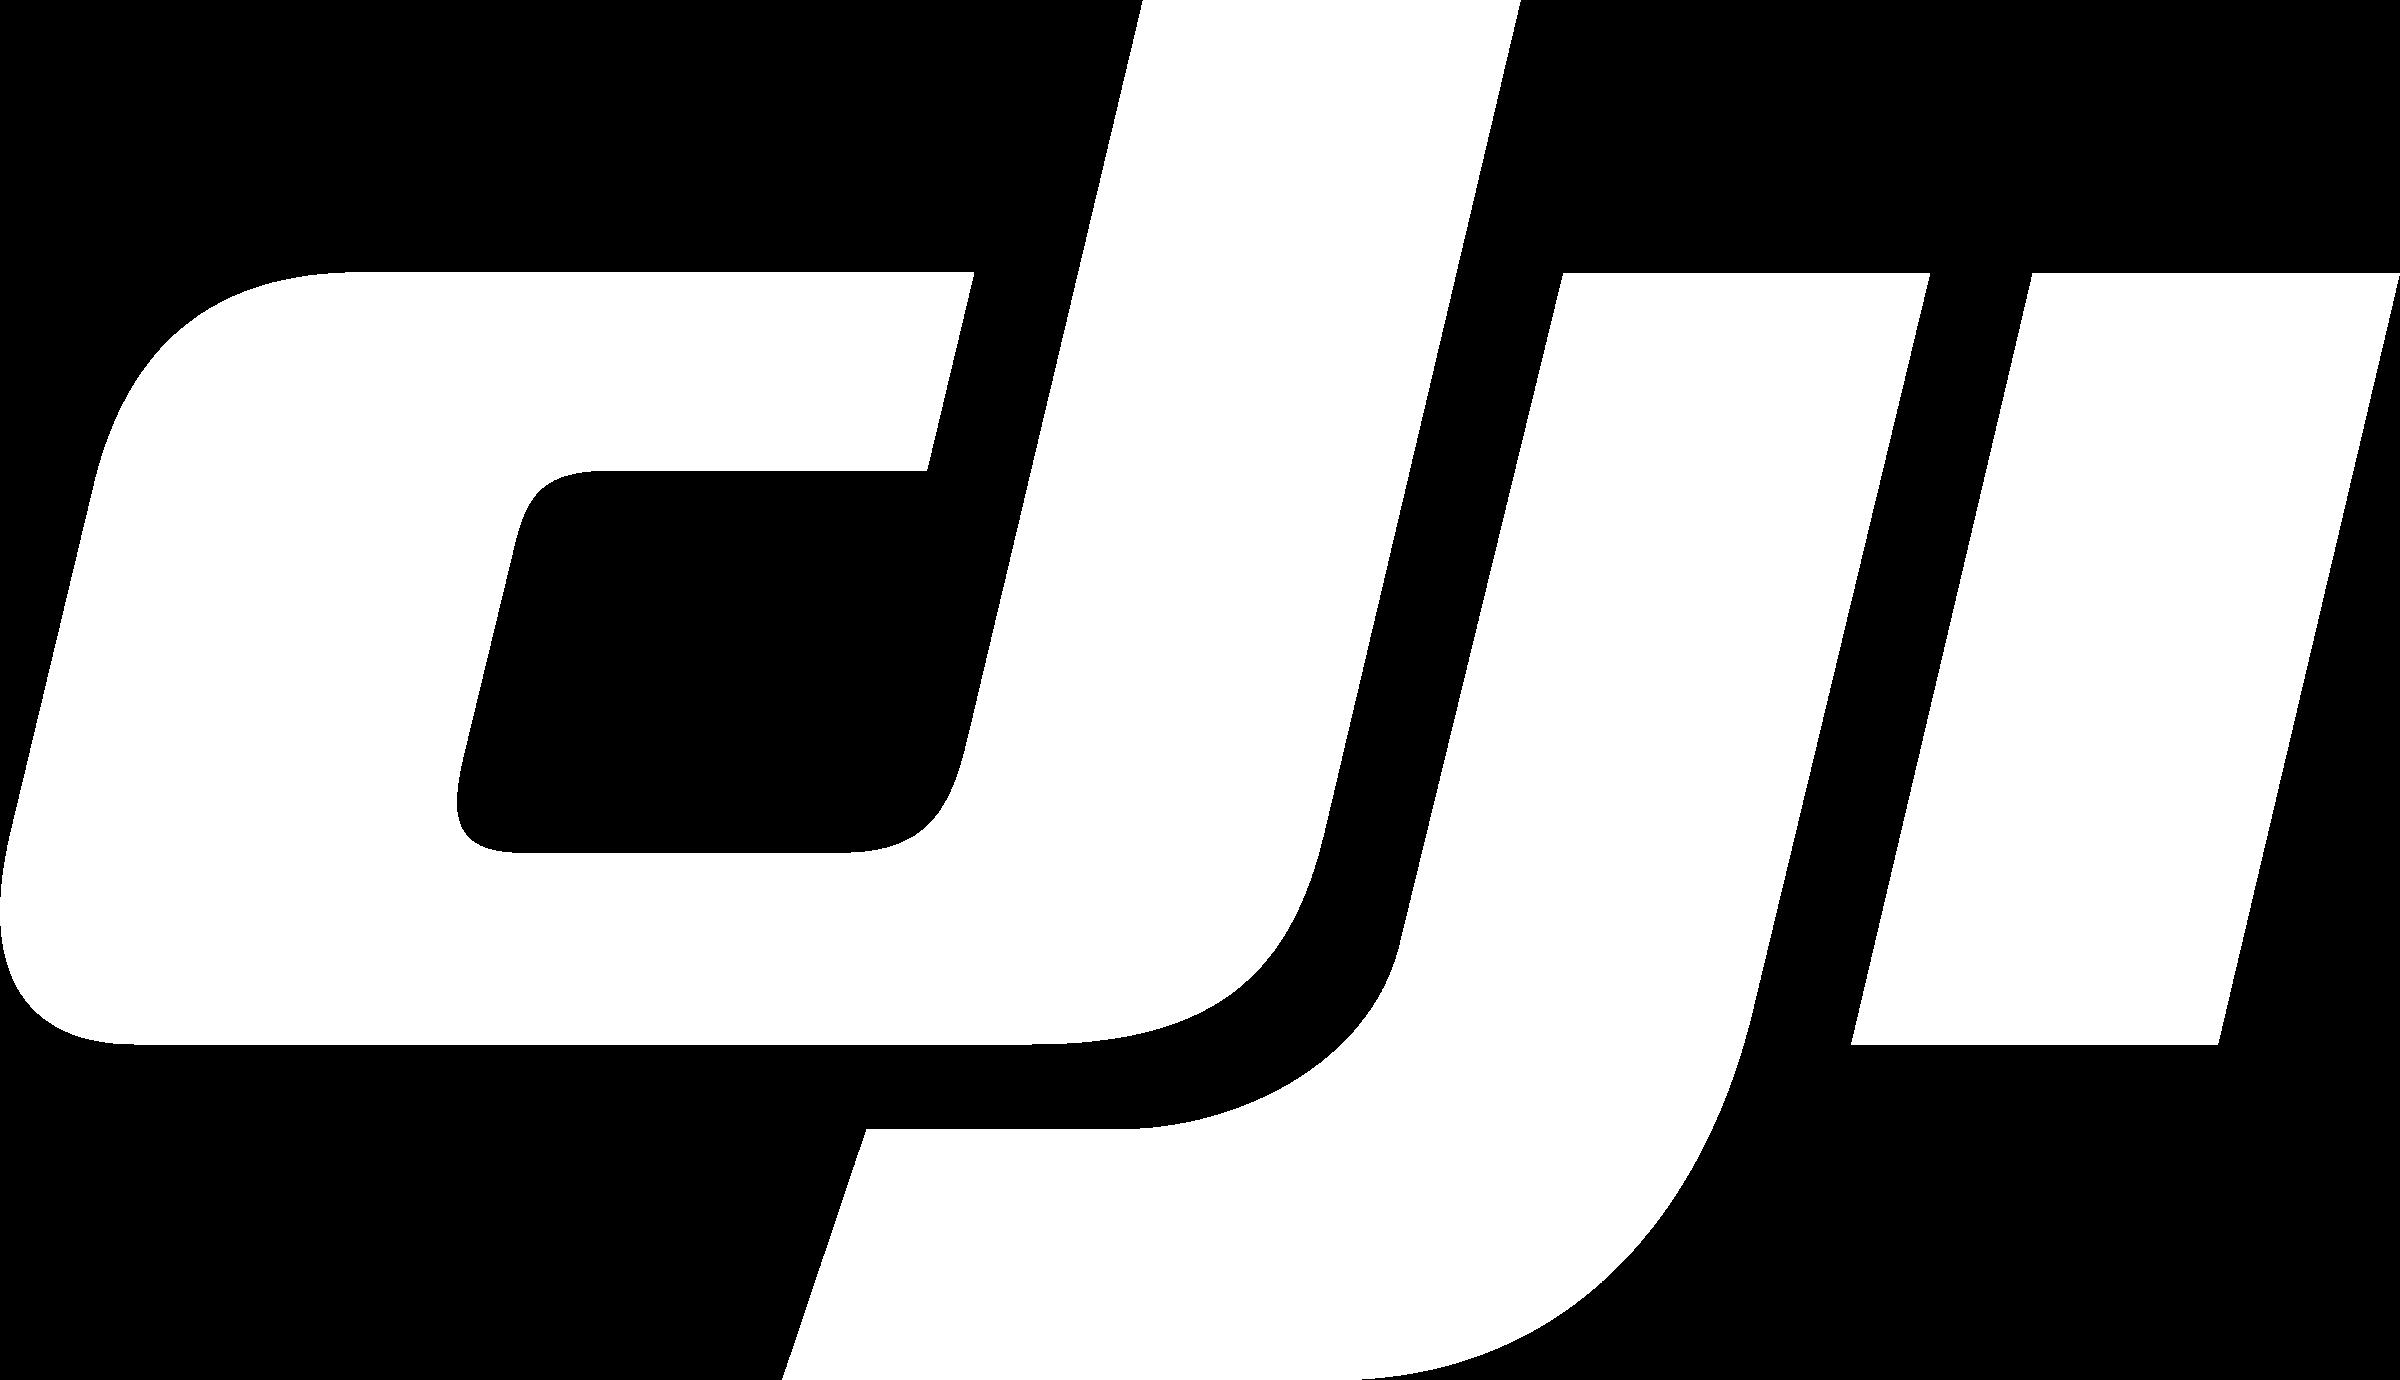 DJI Logo Black And White